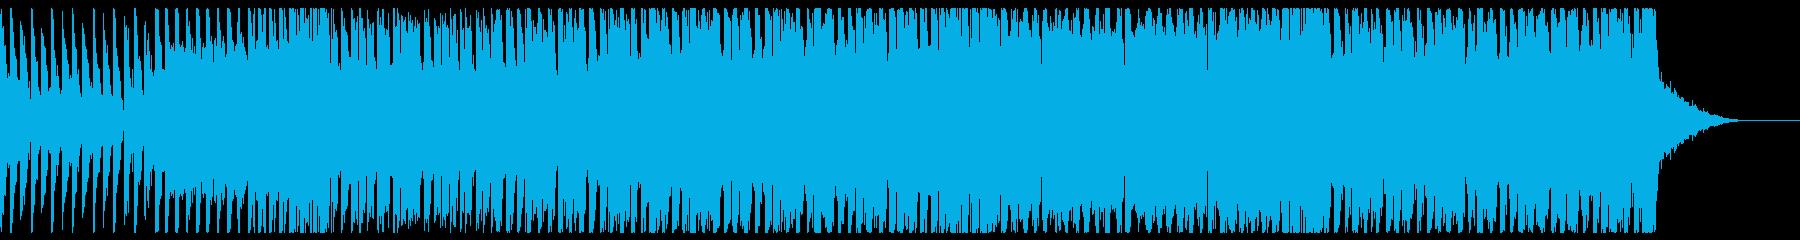 おしゃれなハウス系EDMです。の再生済みの波形